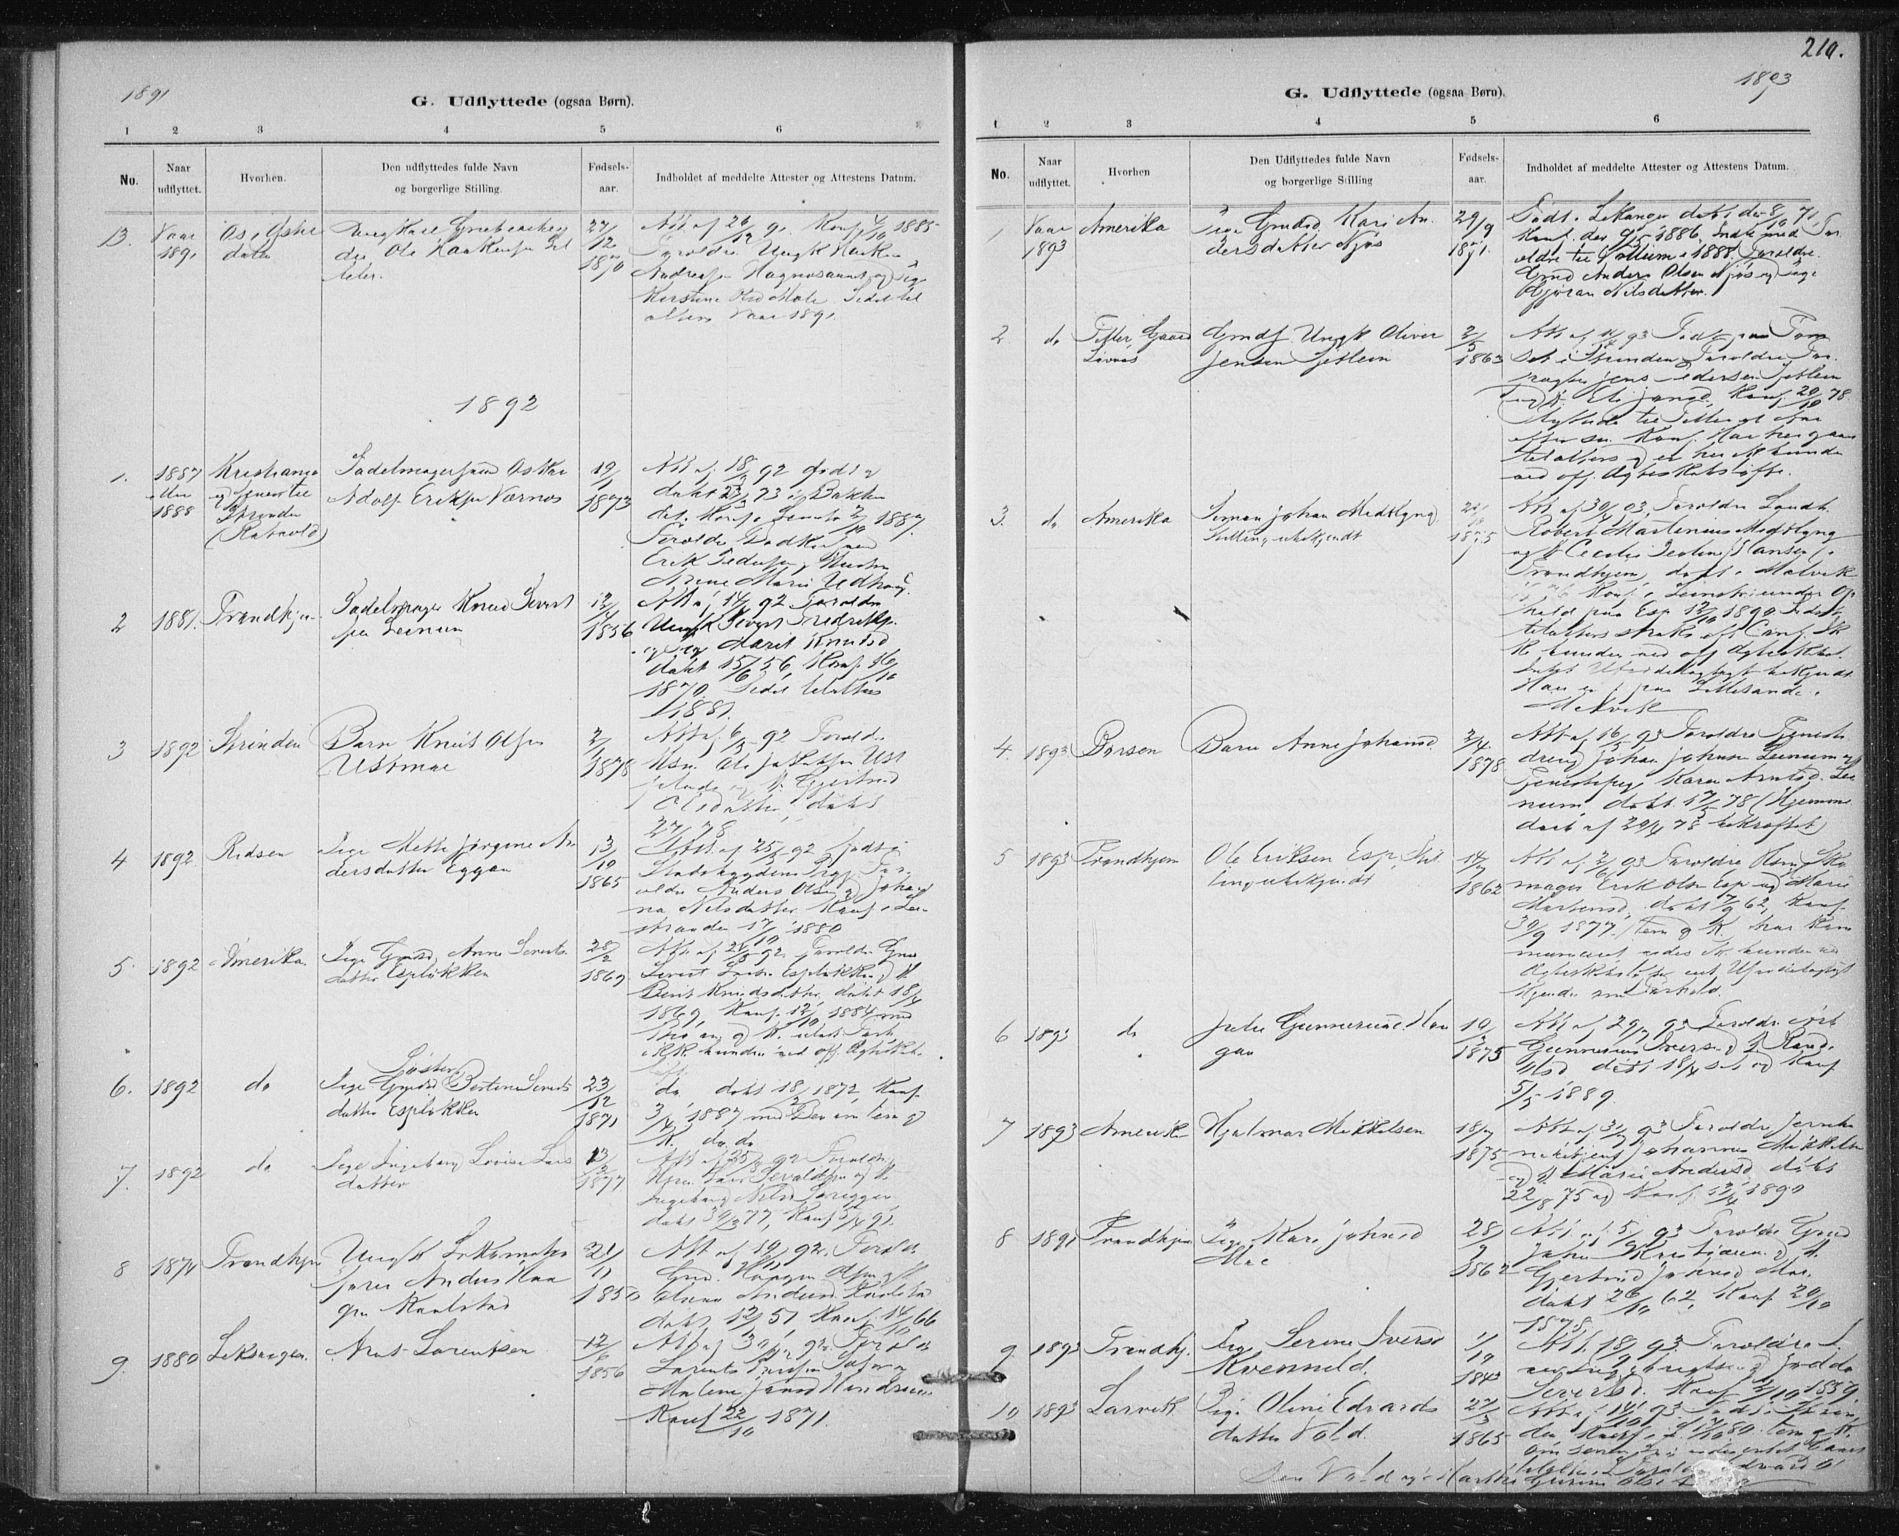 SAT, Ministerialprotokoller, klokkerbøker og fødselsregistre - Sør-Trøndelag, 613/L0392: Ministerialbok nr. 613A01, 1887-1906, s. 210